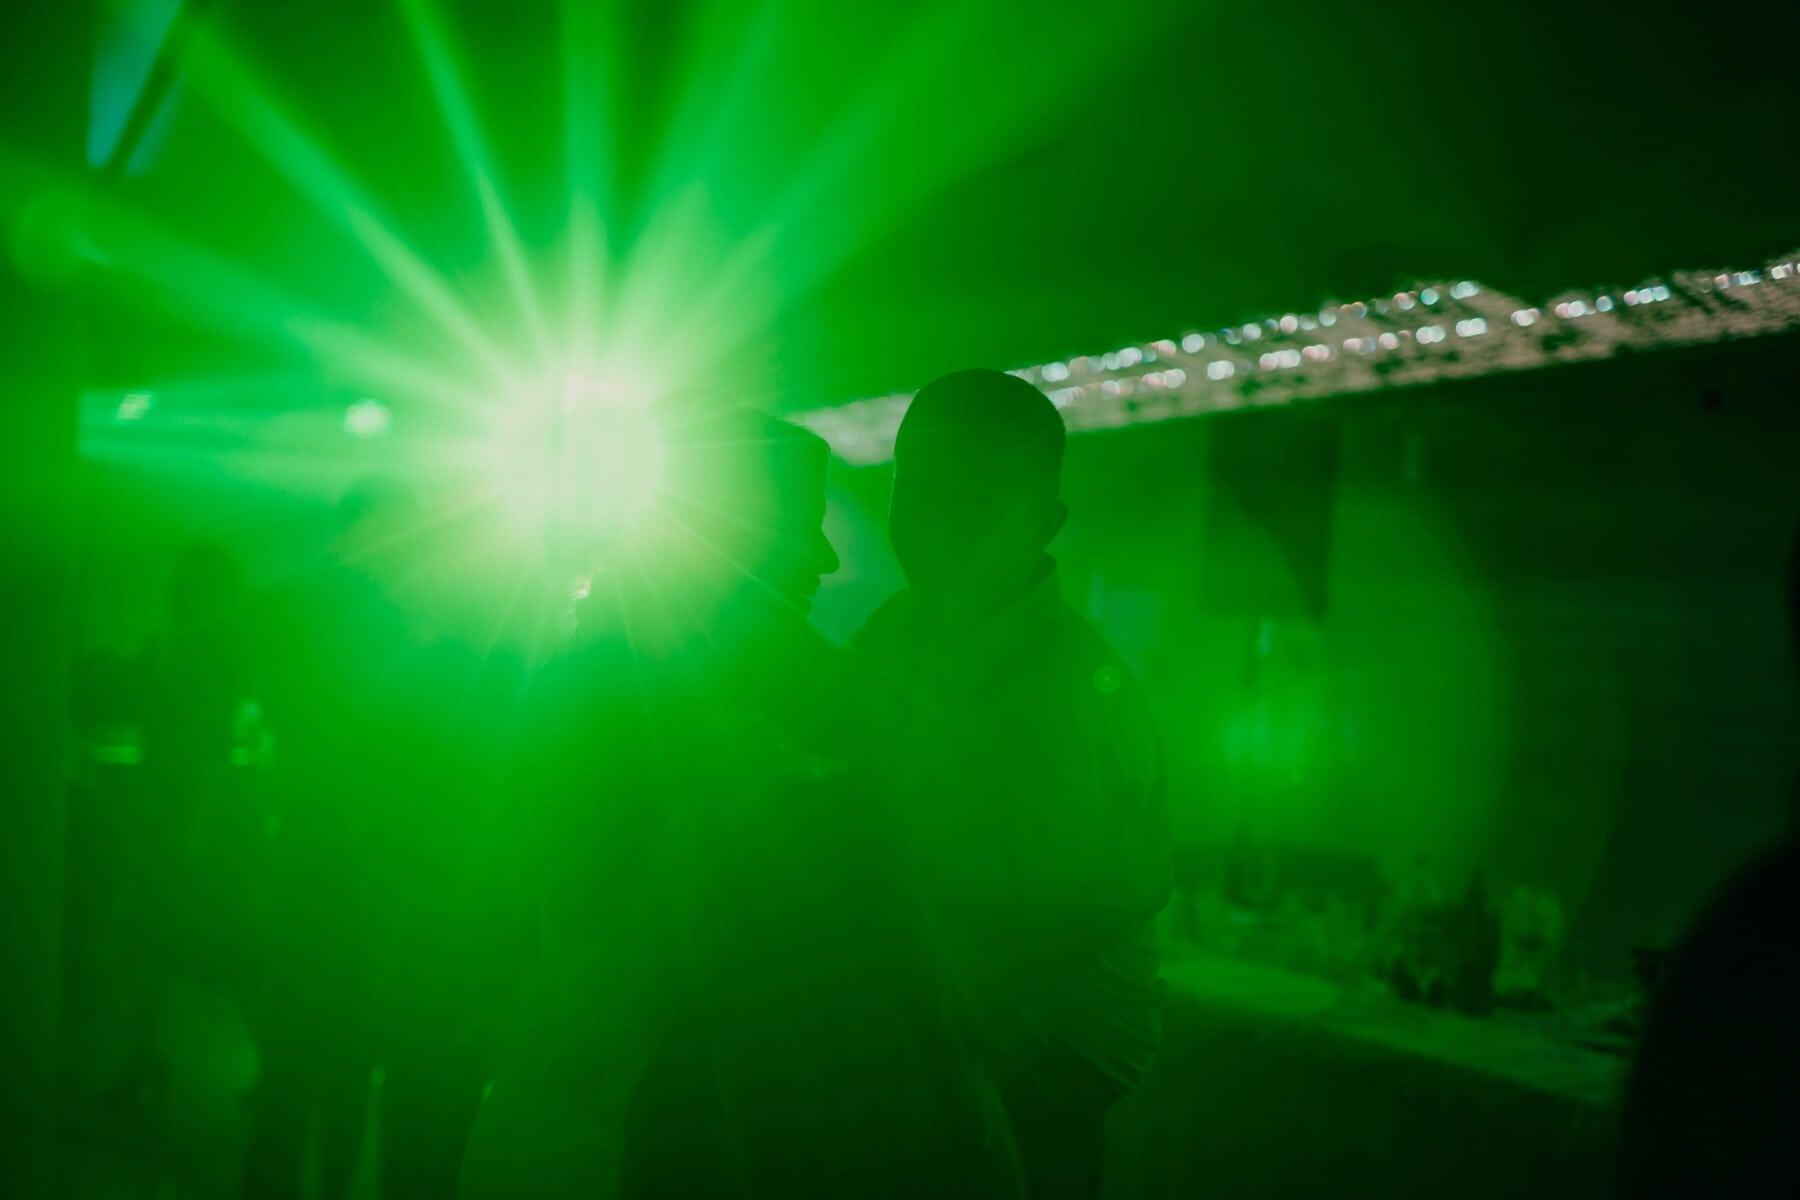 boîte de nuit, parti, Vie nocturne, lumière, feu vert, laser, musique, brillante, brillant, concert